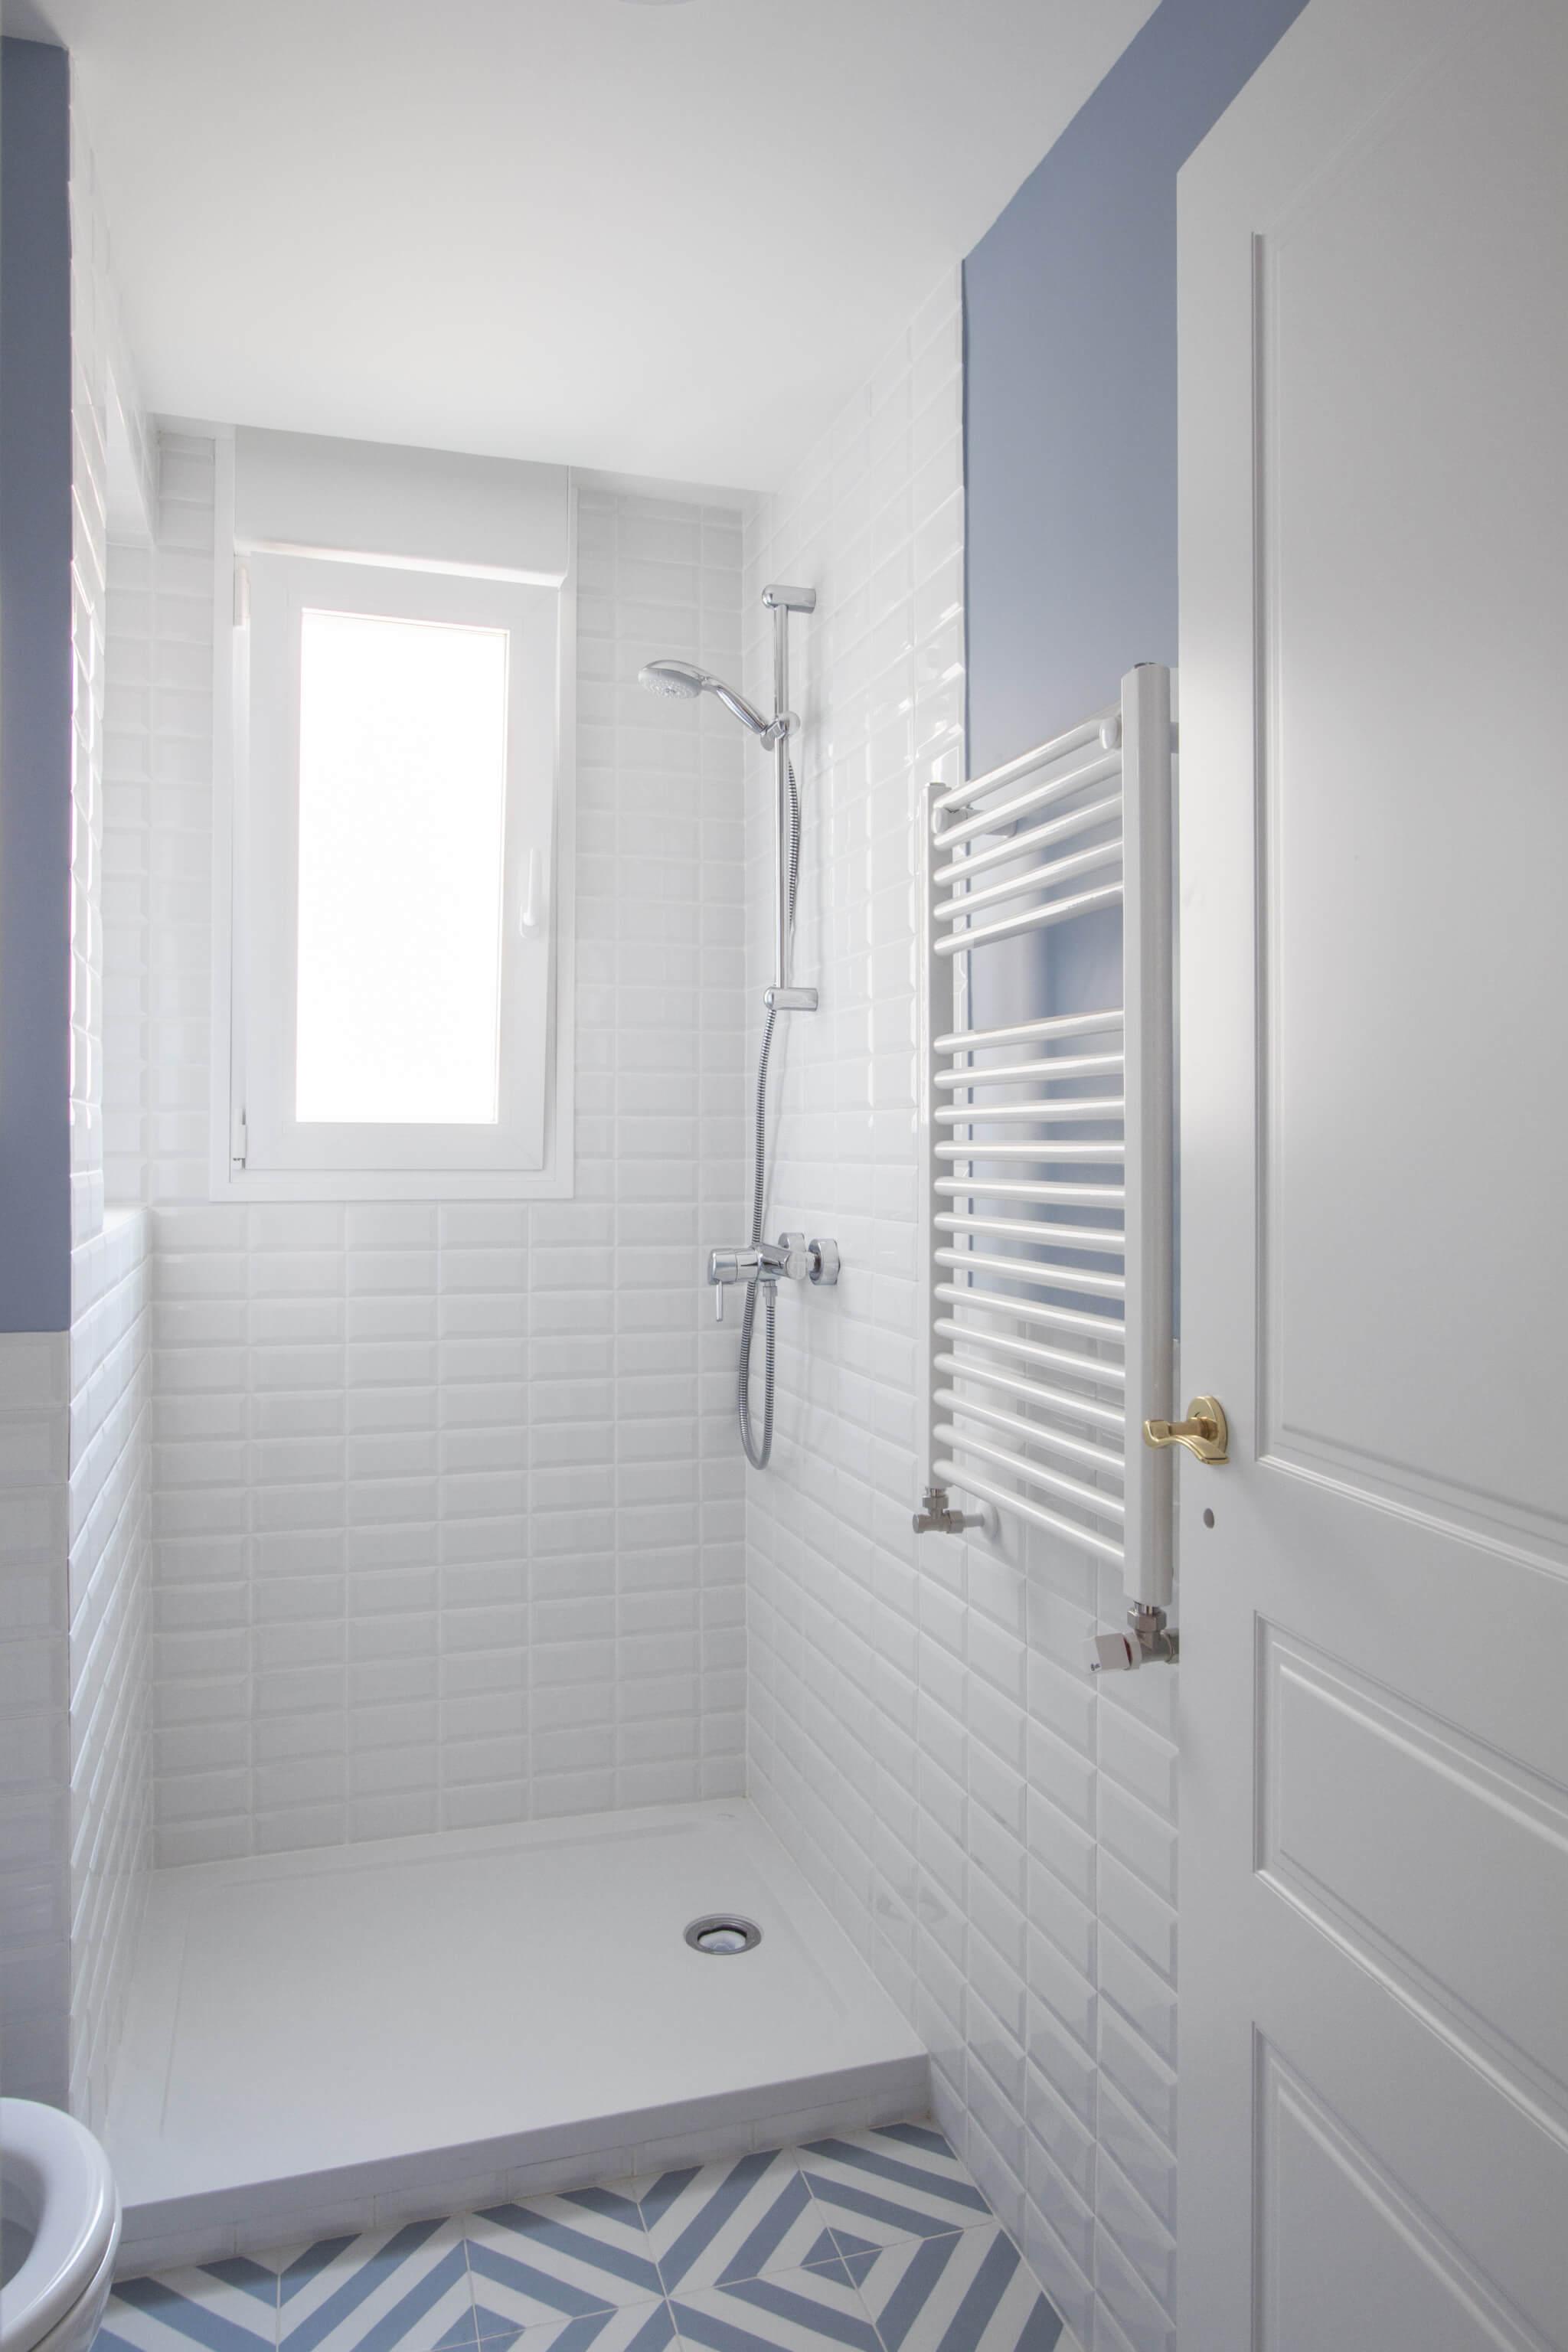 Baño con ducha en Madrid. Zócalo de azulejo metro blanco y pared pintada en color azul. Baldosa con estampado blanco y azul. Puerta blanca plafonada con tiradores dorados. Mueble de baño Hemnes de IKEA. Proyecto de reforma e interiorismo de R de Room.